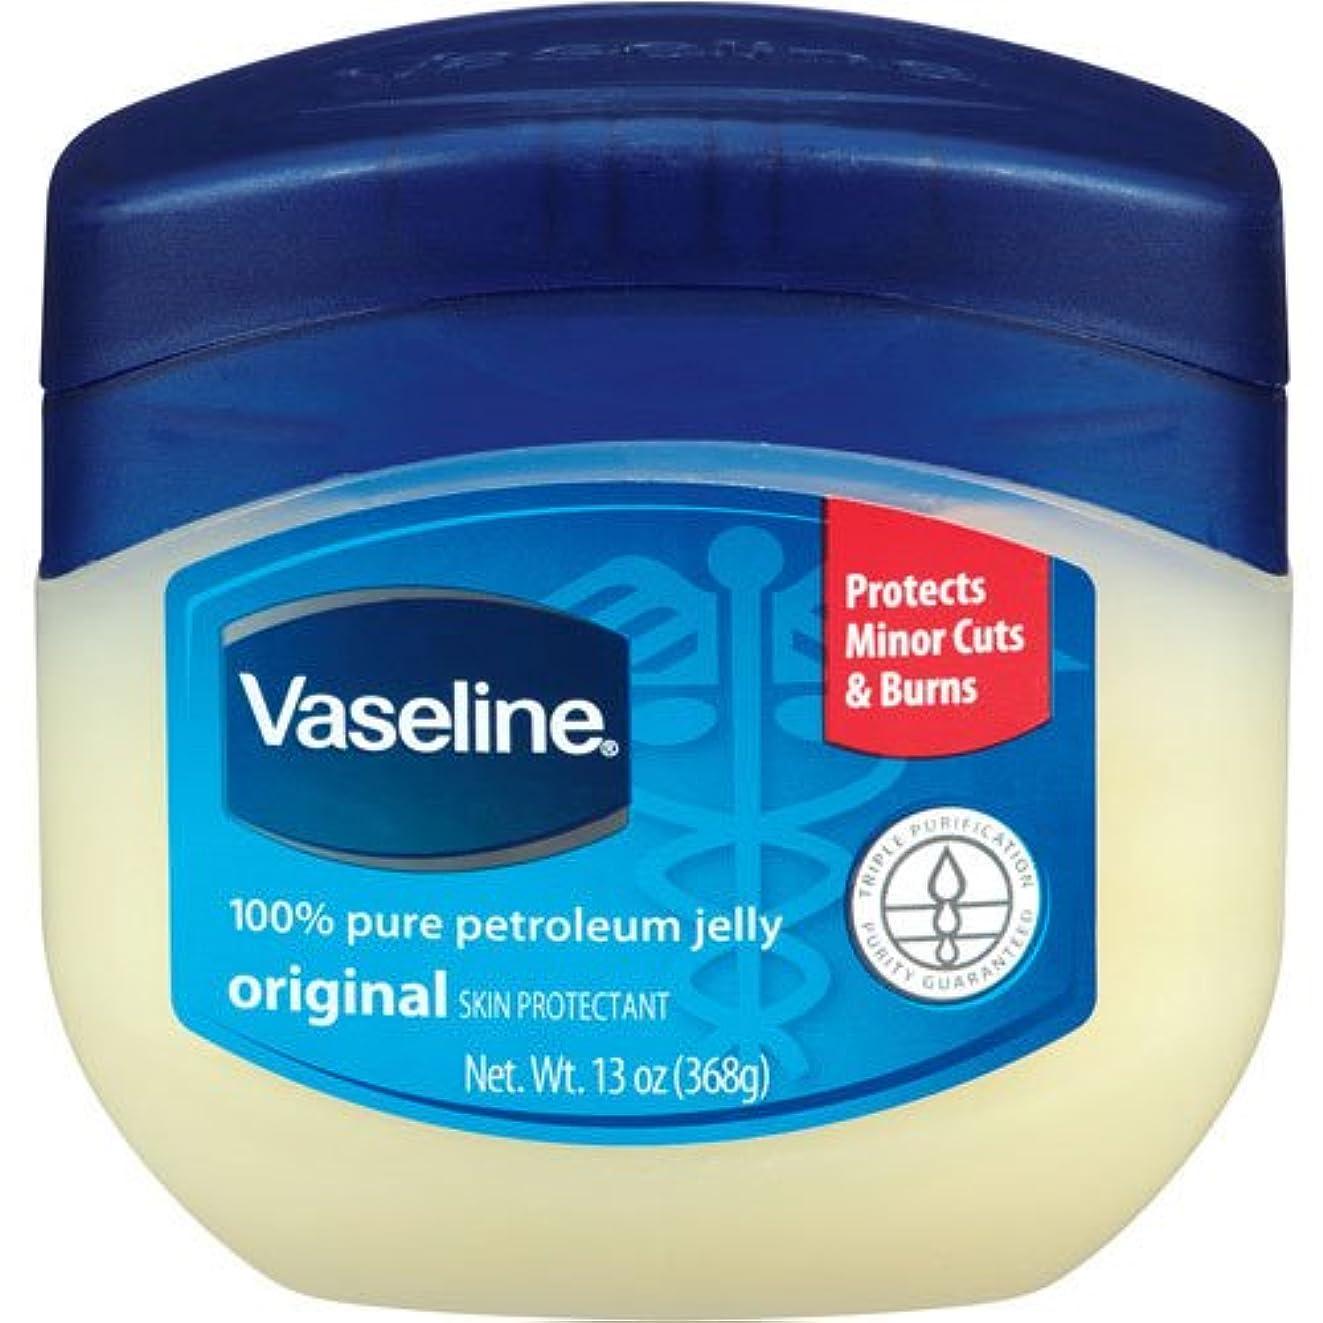 感情の病的成功したヴァセリン [Vaseline]ペトロリュームジェリージャータイプ[保湿クリーム]368g[並行輸入品]